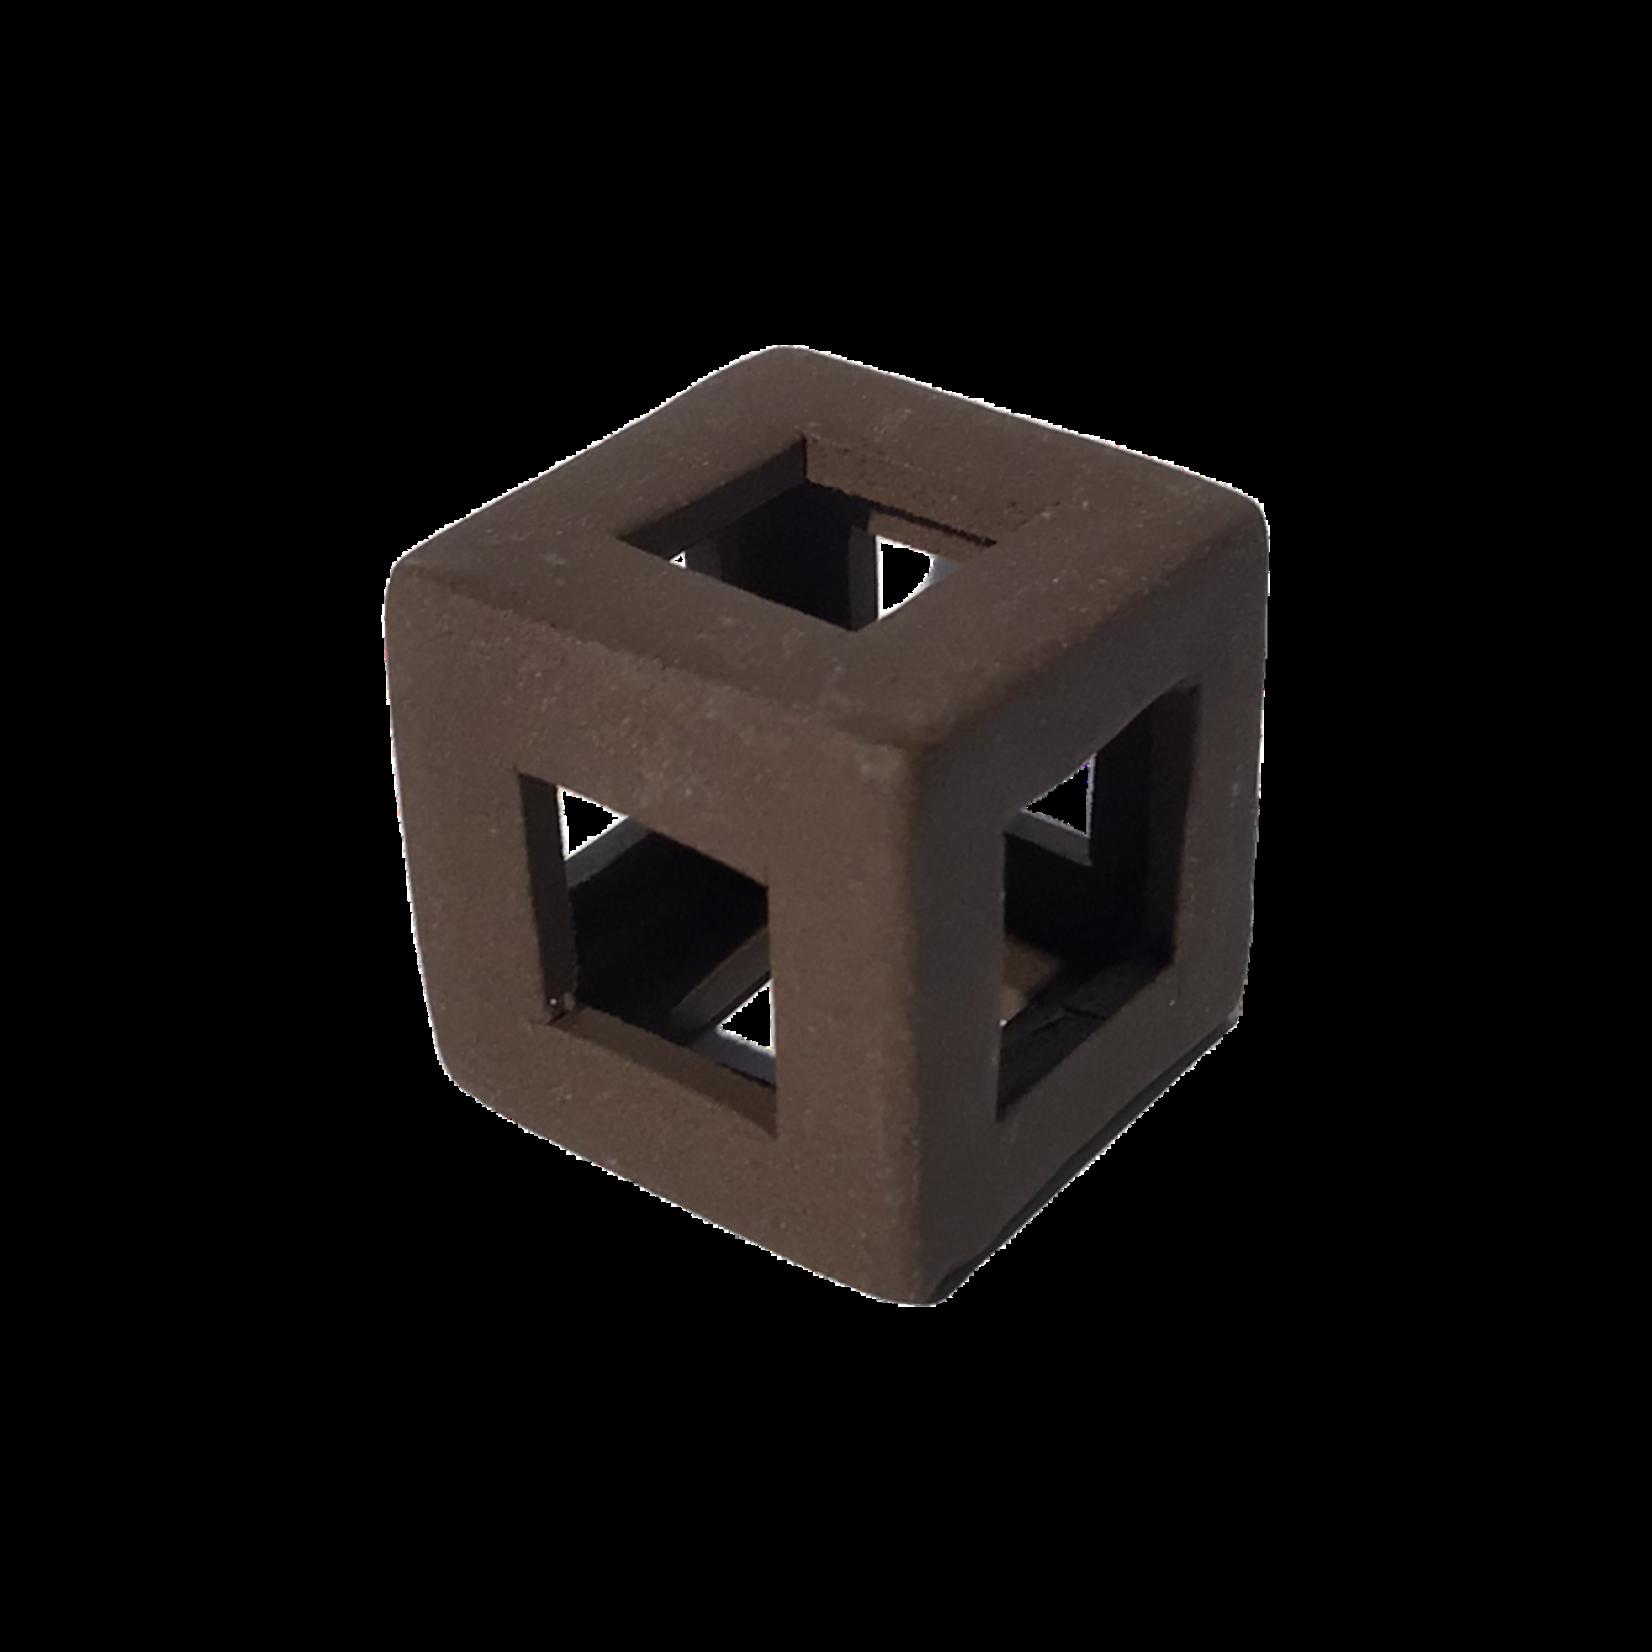 Bubba Ceramic cube 2x2x2cm (1pc)